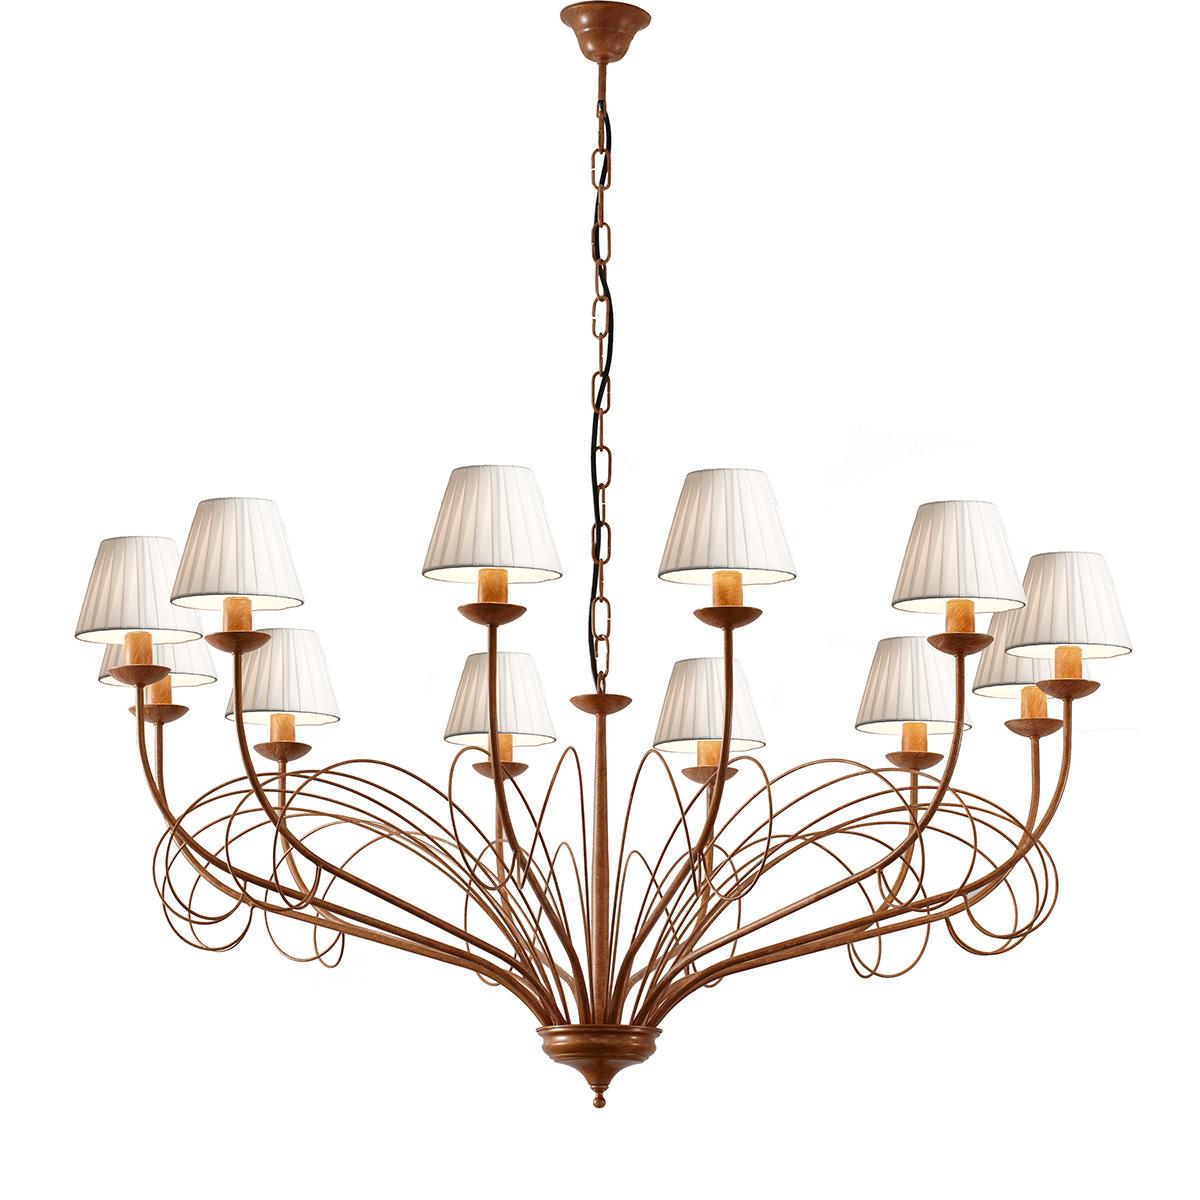 Παραδοσιακό φωτιστικό με καπέλα ΣΑΝΤΟΡΙΝΗ rustic chandelier with shades